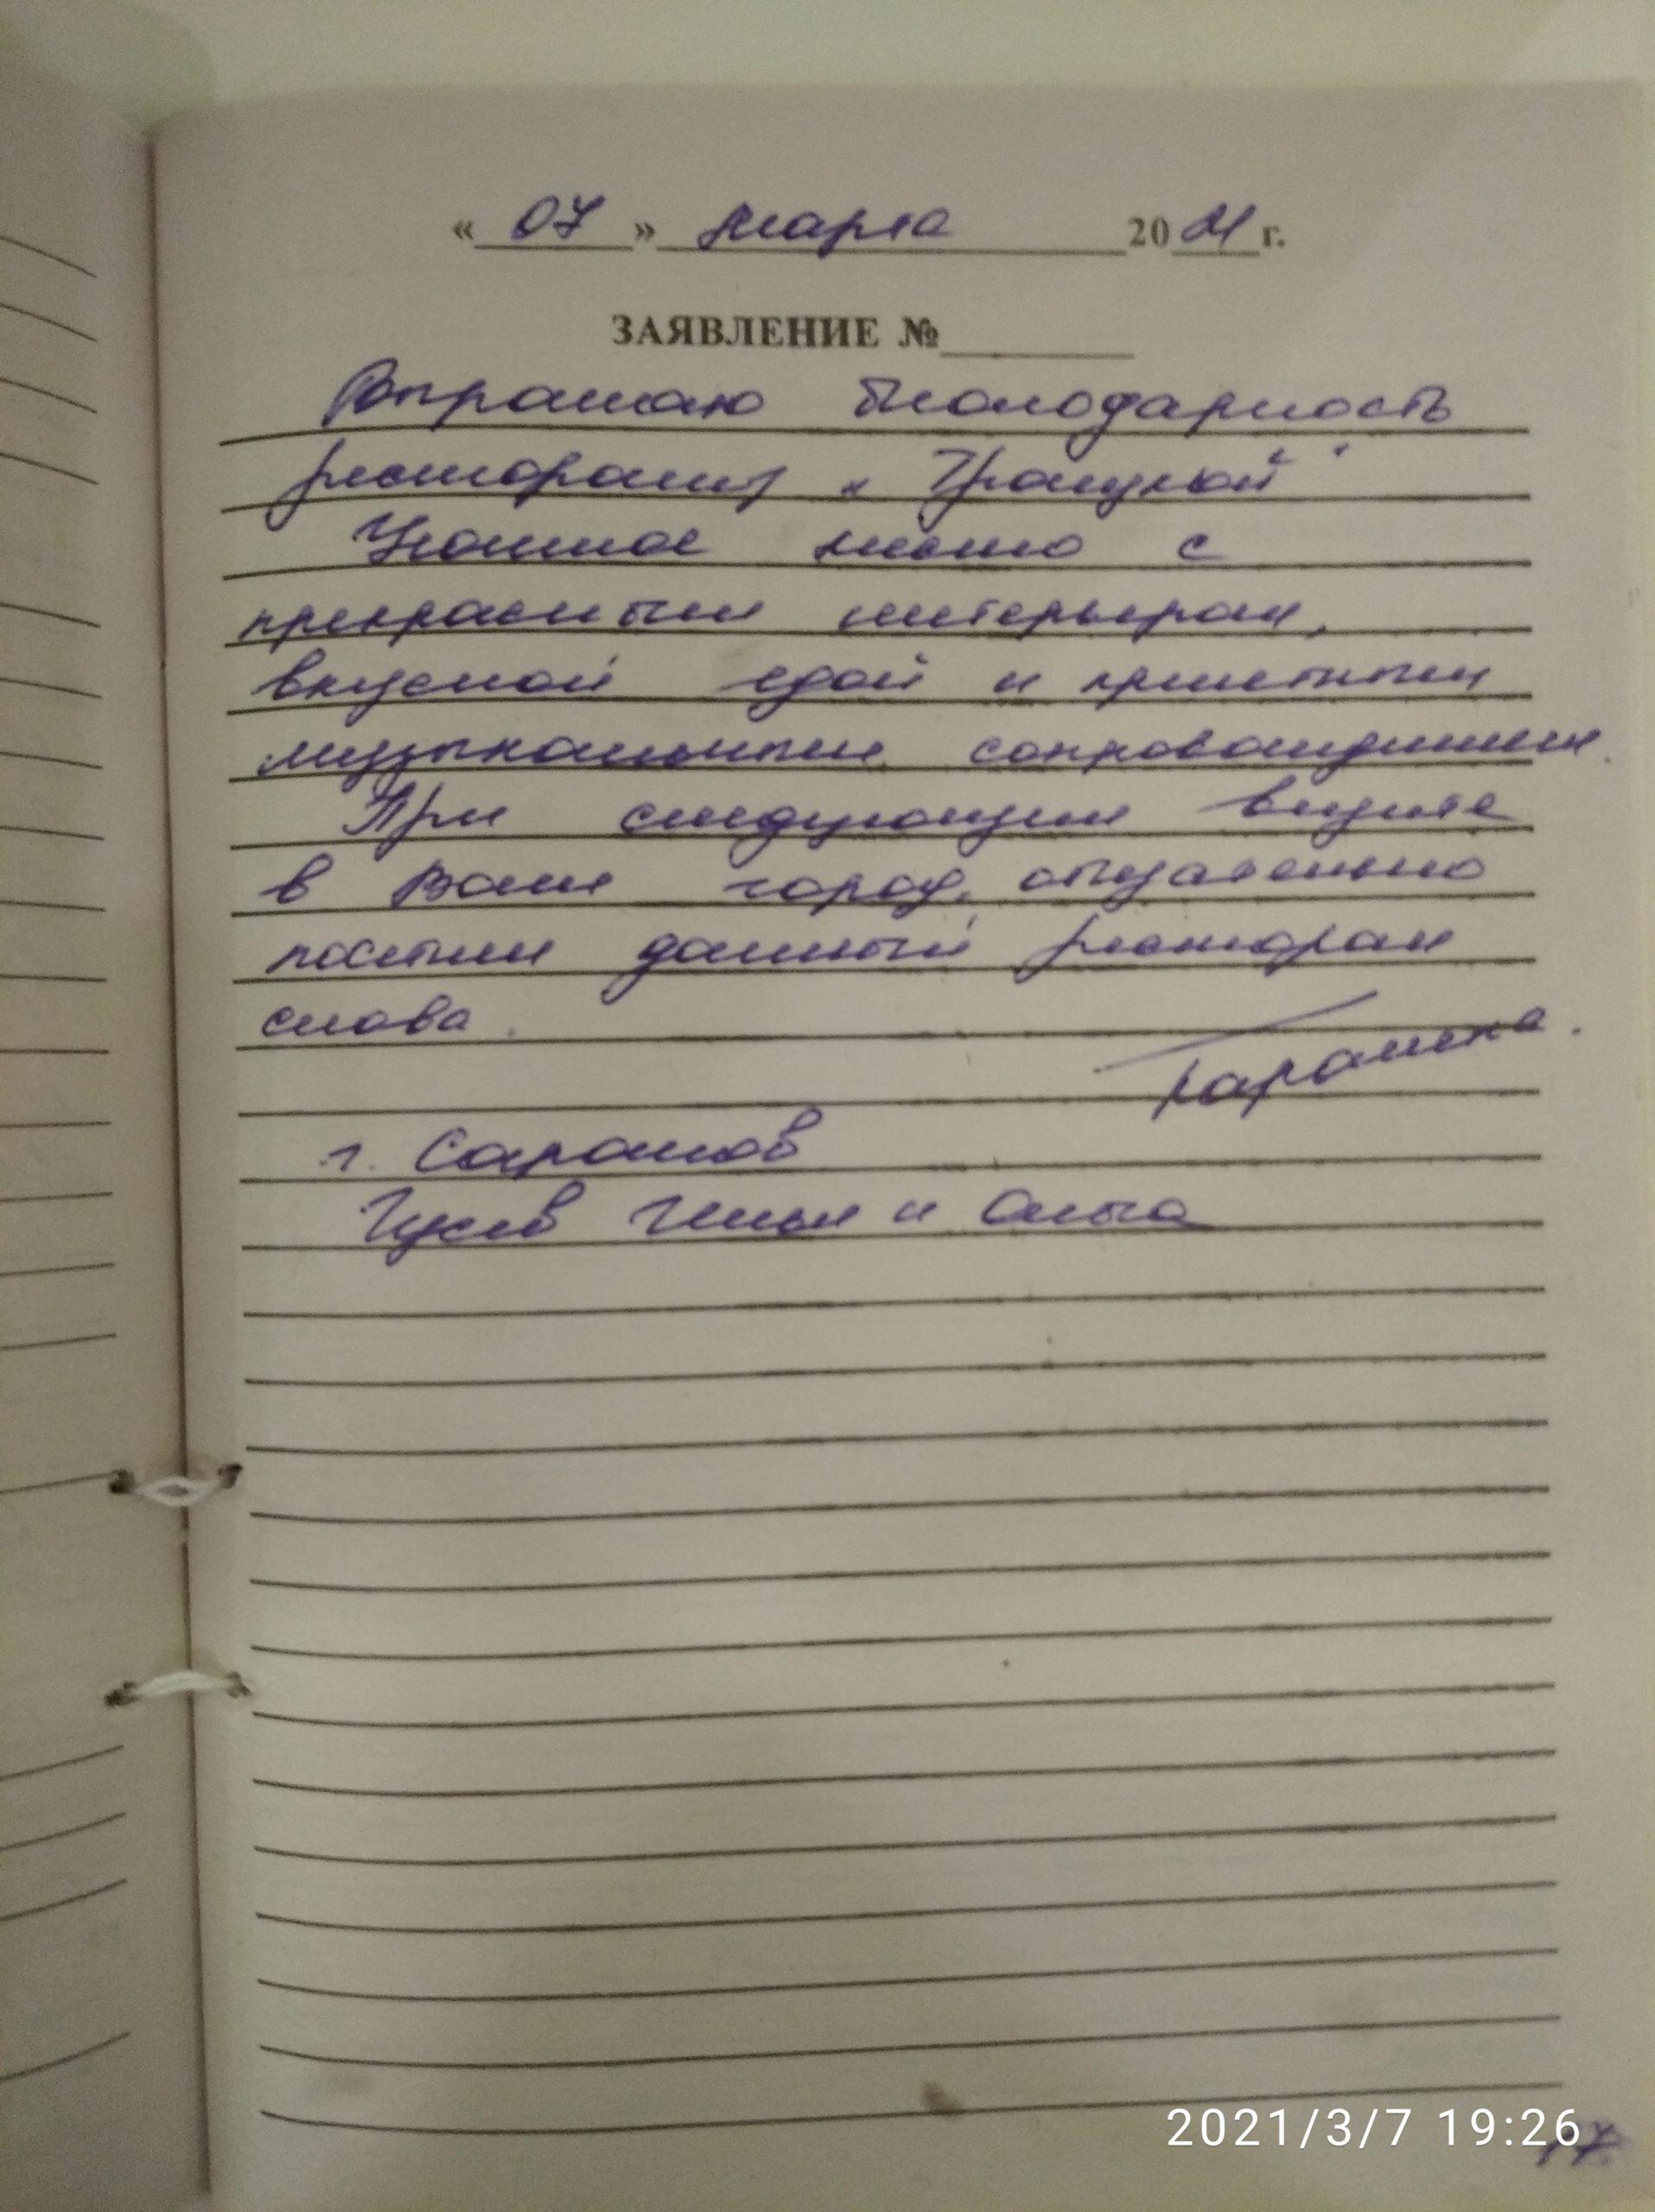 Гусевы Илья и Ольга